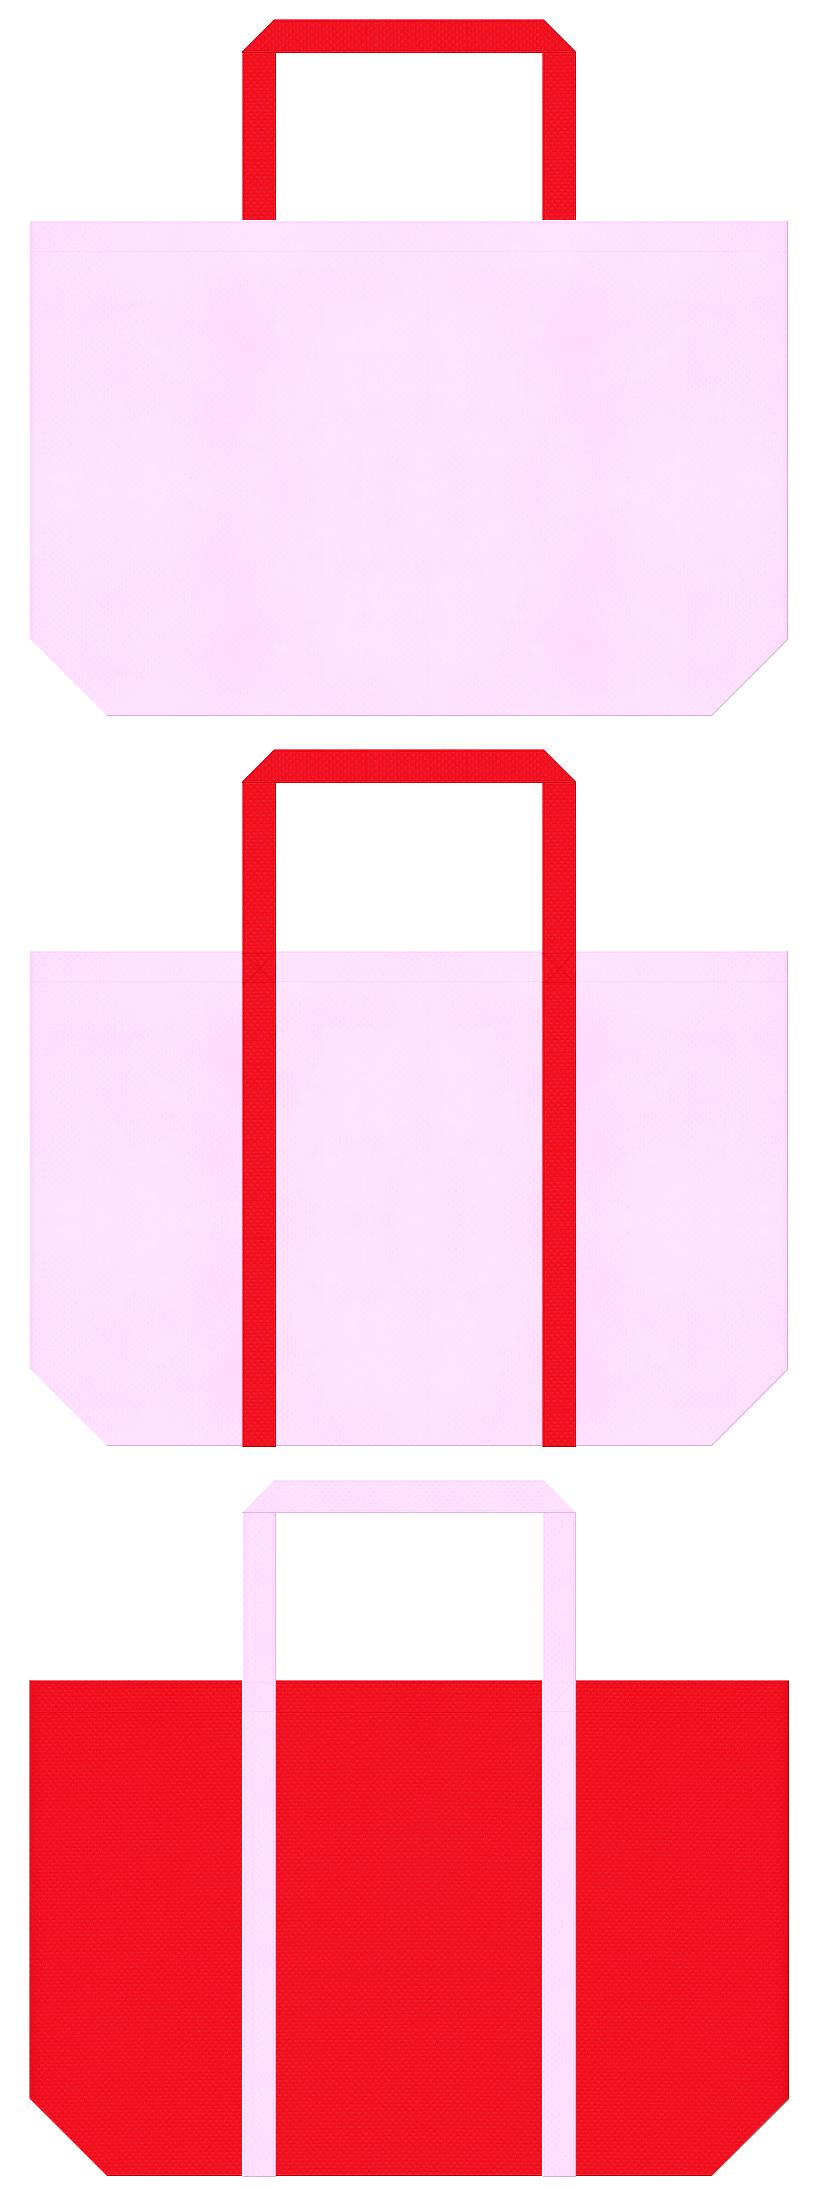 明るいピンク色と赤色の不織布ショッピングバッグデザイン:母の日ギフトのショッピングバッグにお奨めの配色です。